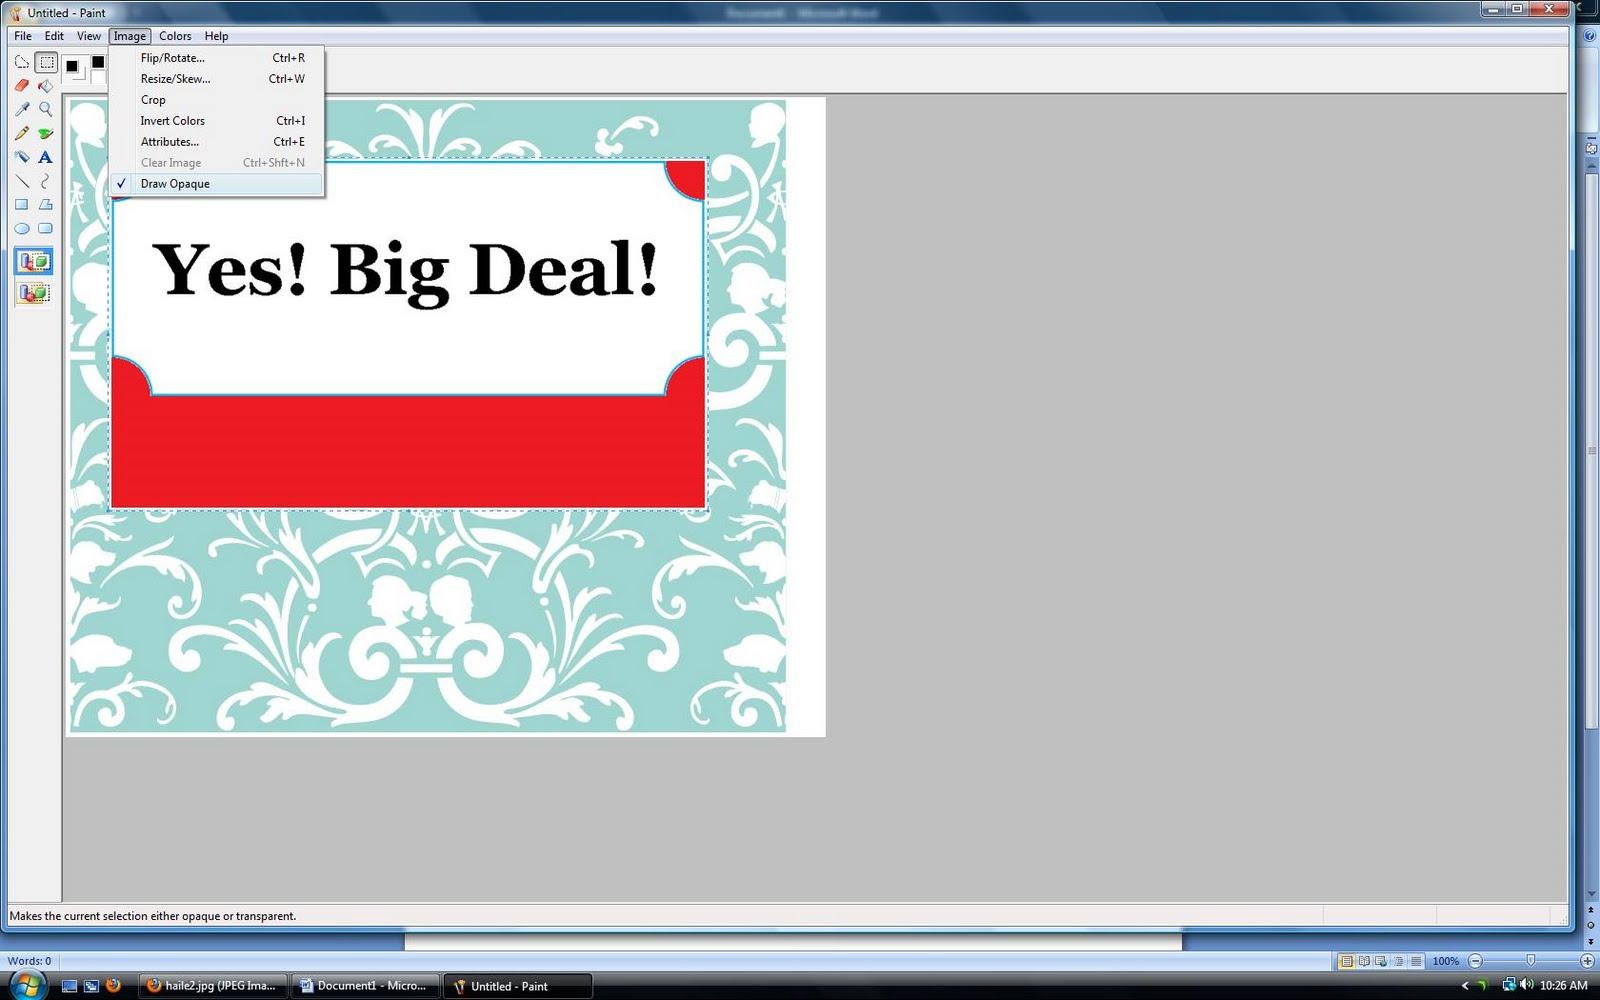 http://1.bp.blogspot.com/_qTU4ifIyX30/TDs-b-VcboI/AAAAAAAAAVE/RBUPlnb4gbg/s1600/ScreenShot4.jpg